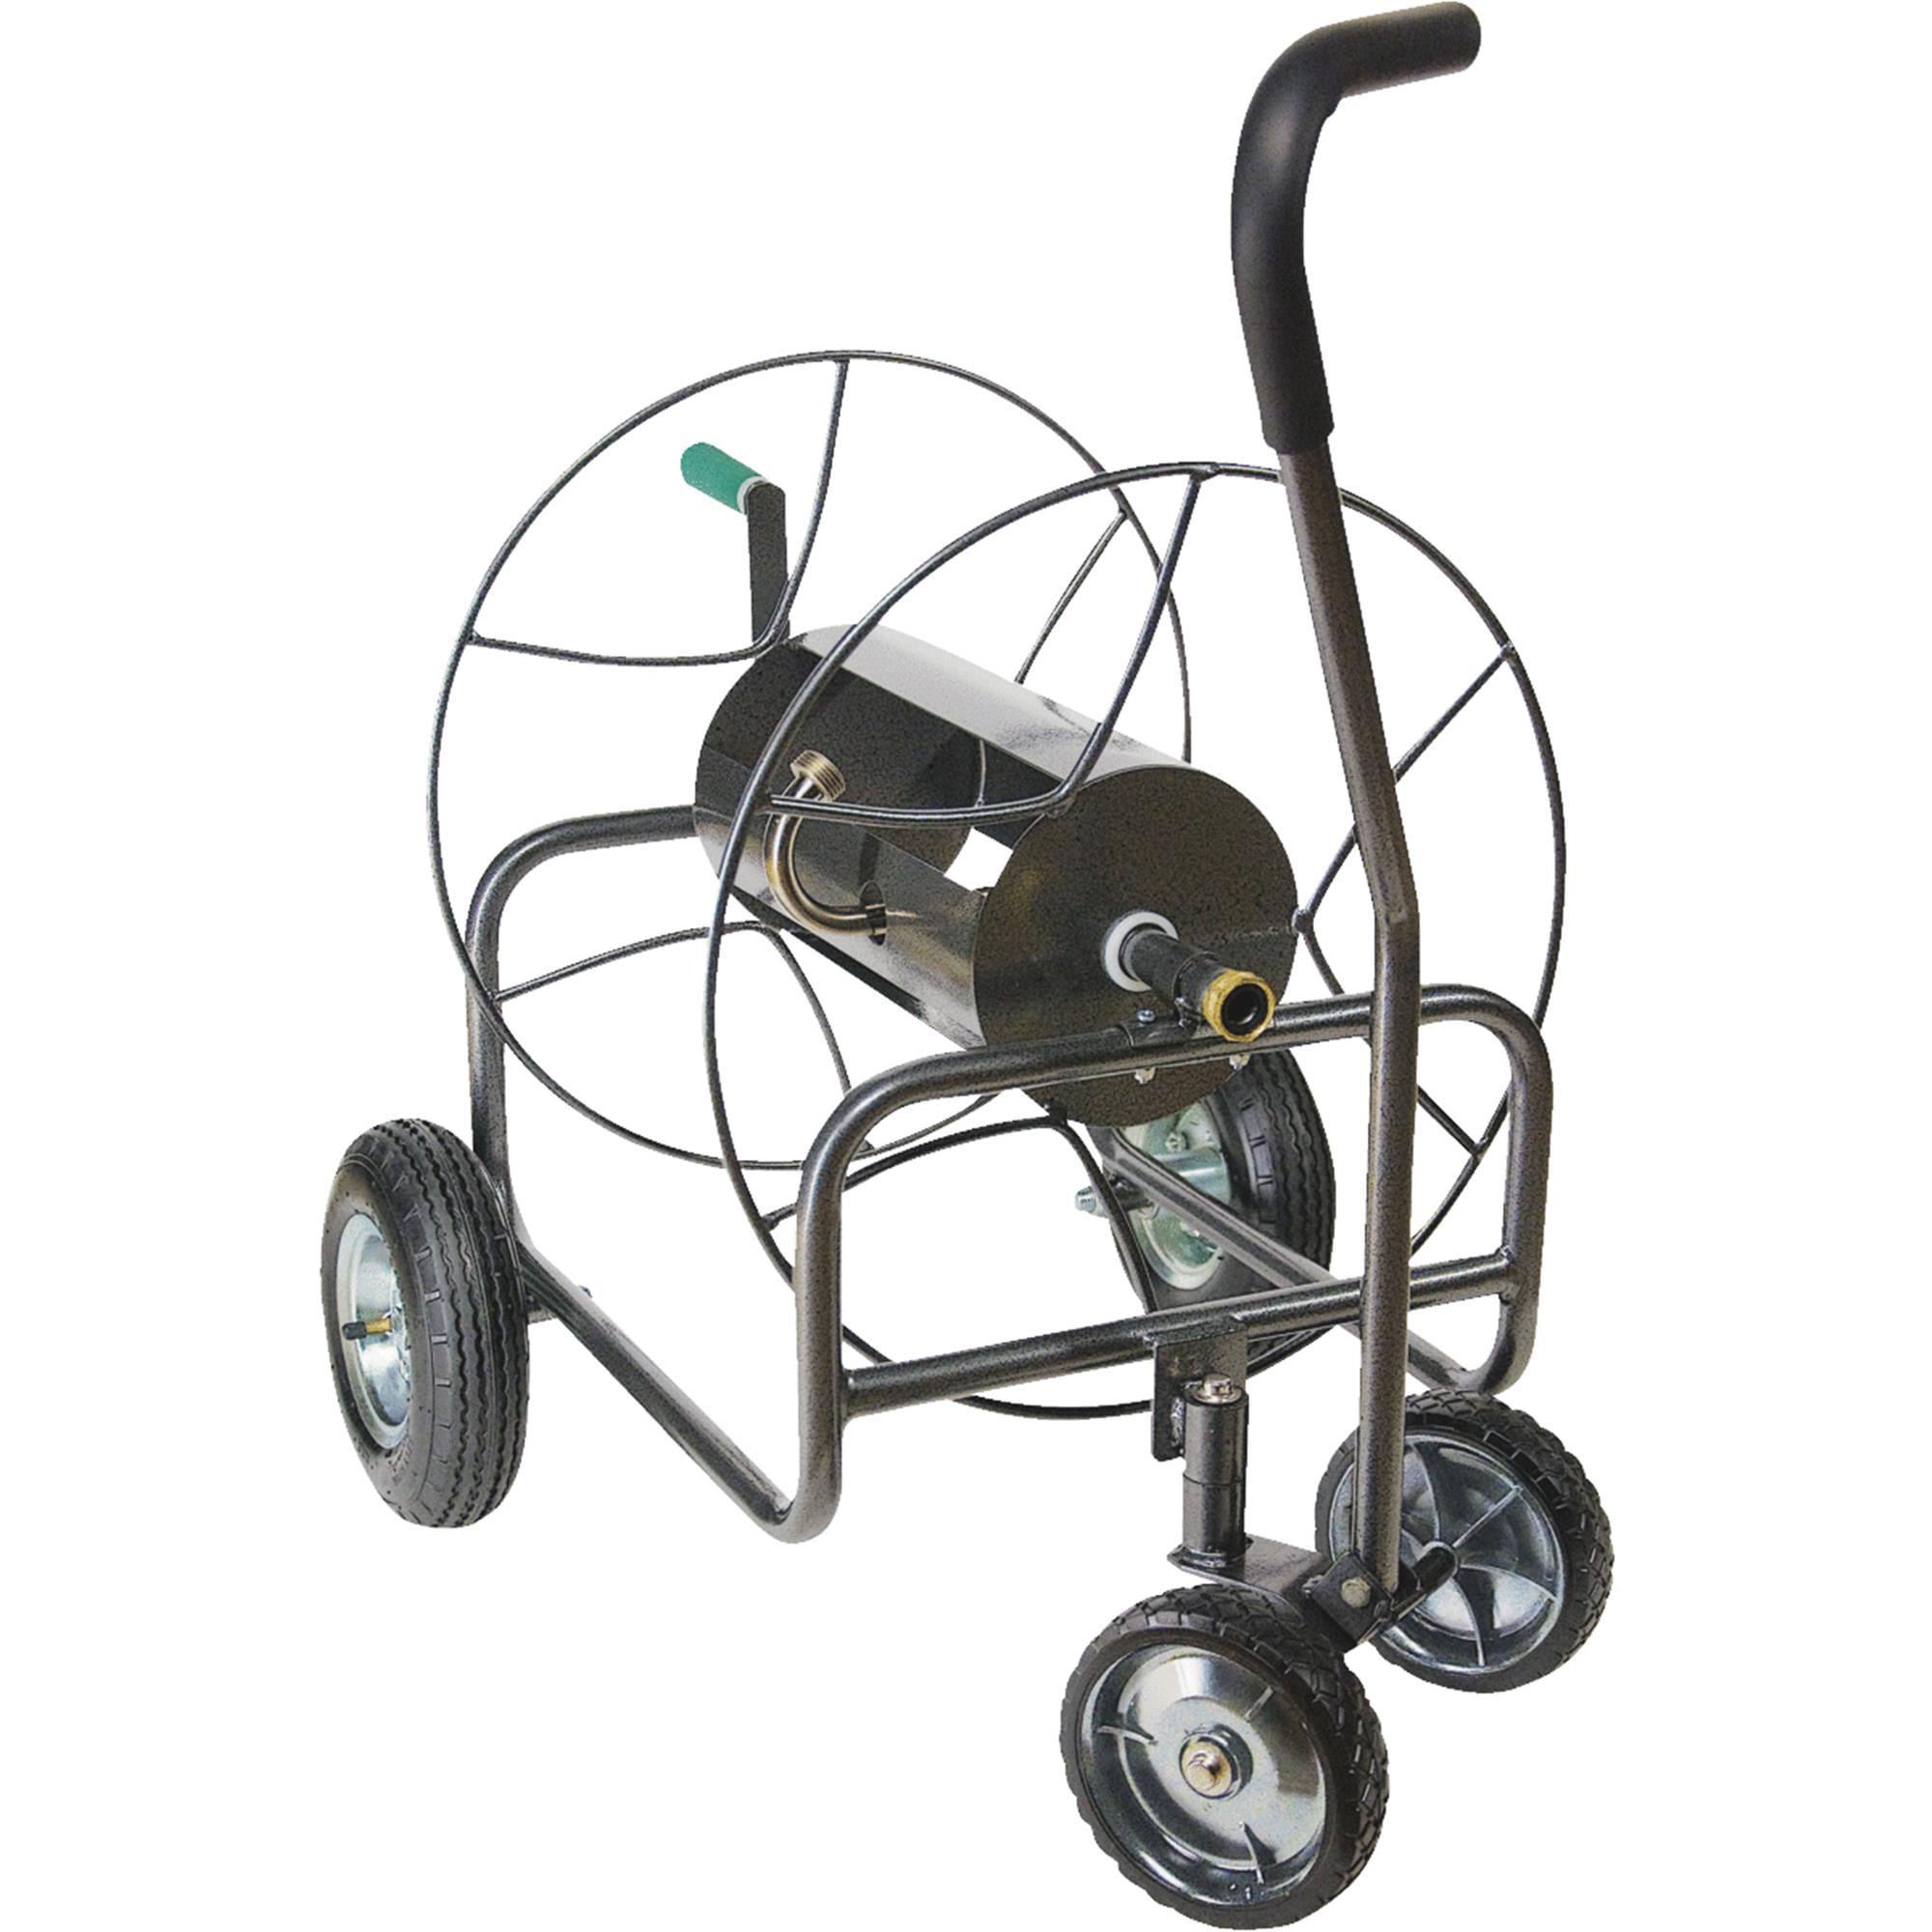 Yard Butler EZ Turn 4-Wheel Hose Reel by Yard Butler